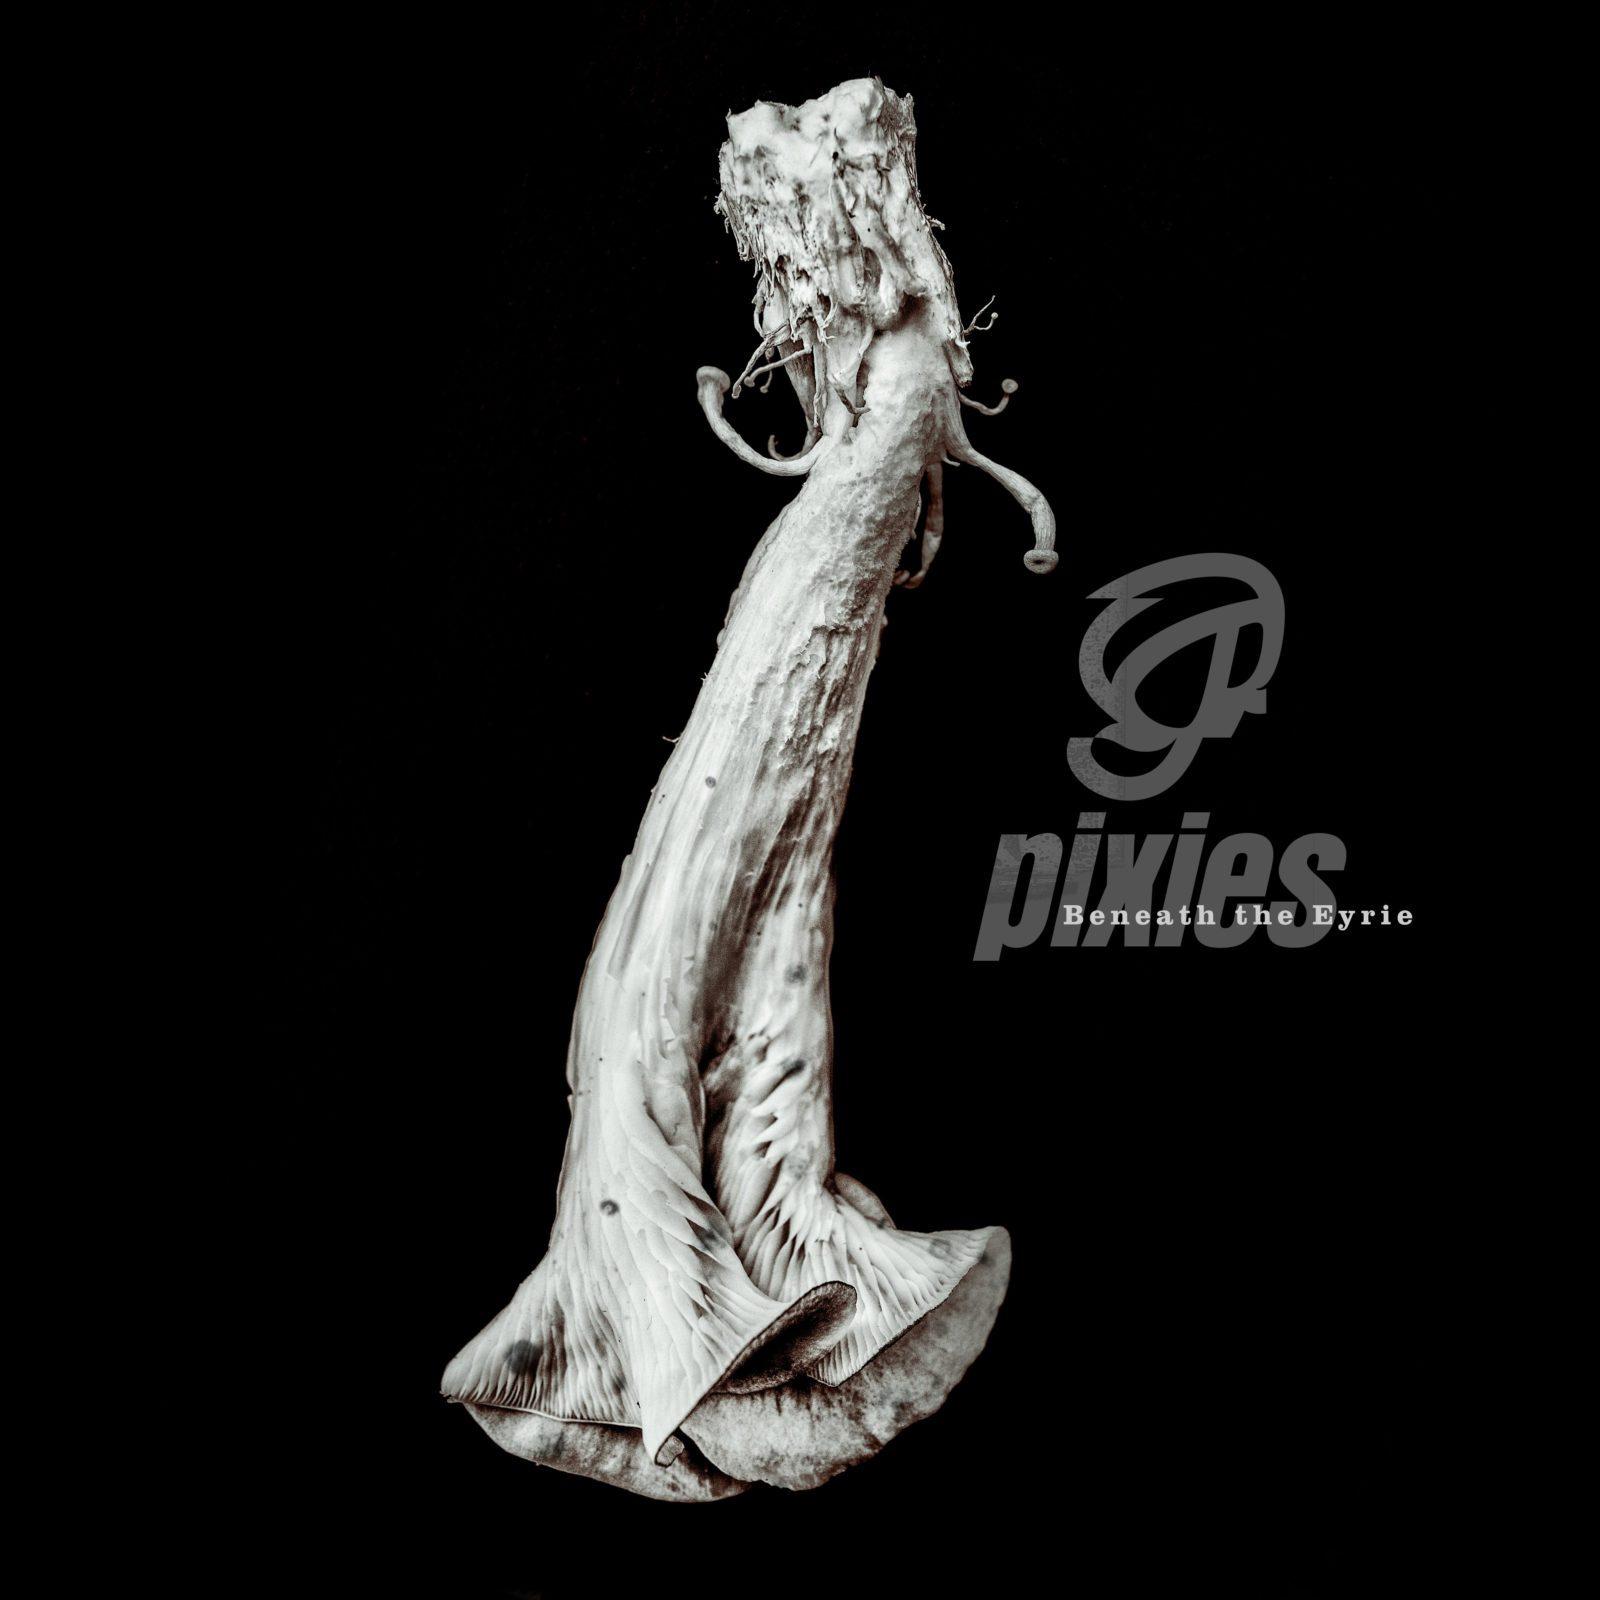 Tutto quello che devi sapere su Pixies - Beneath the Eyeire